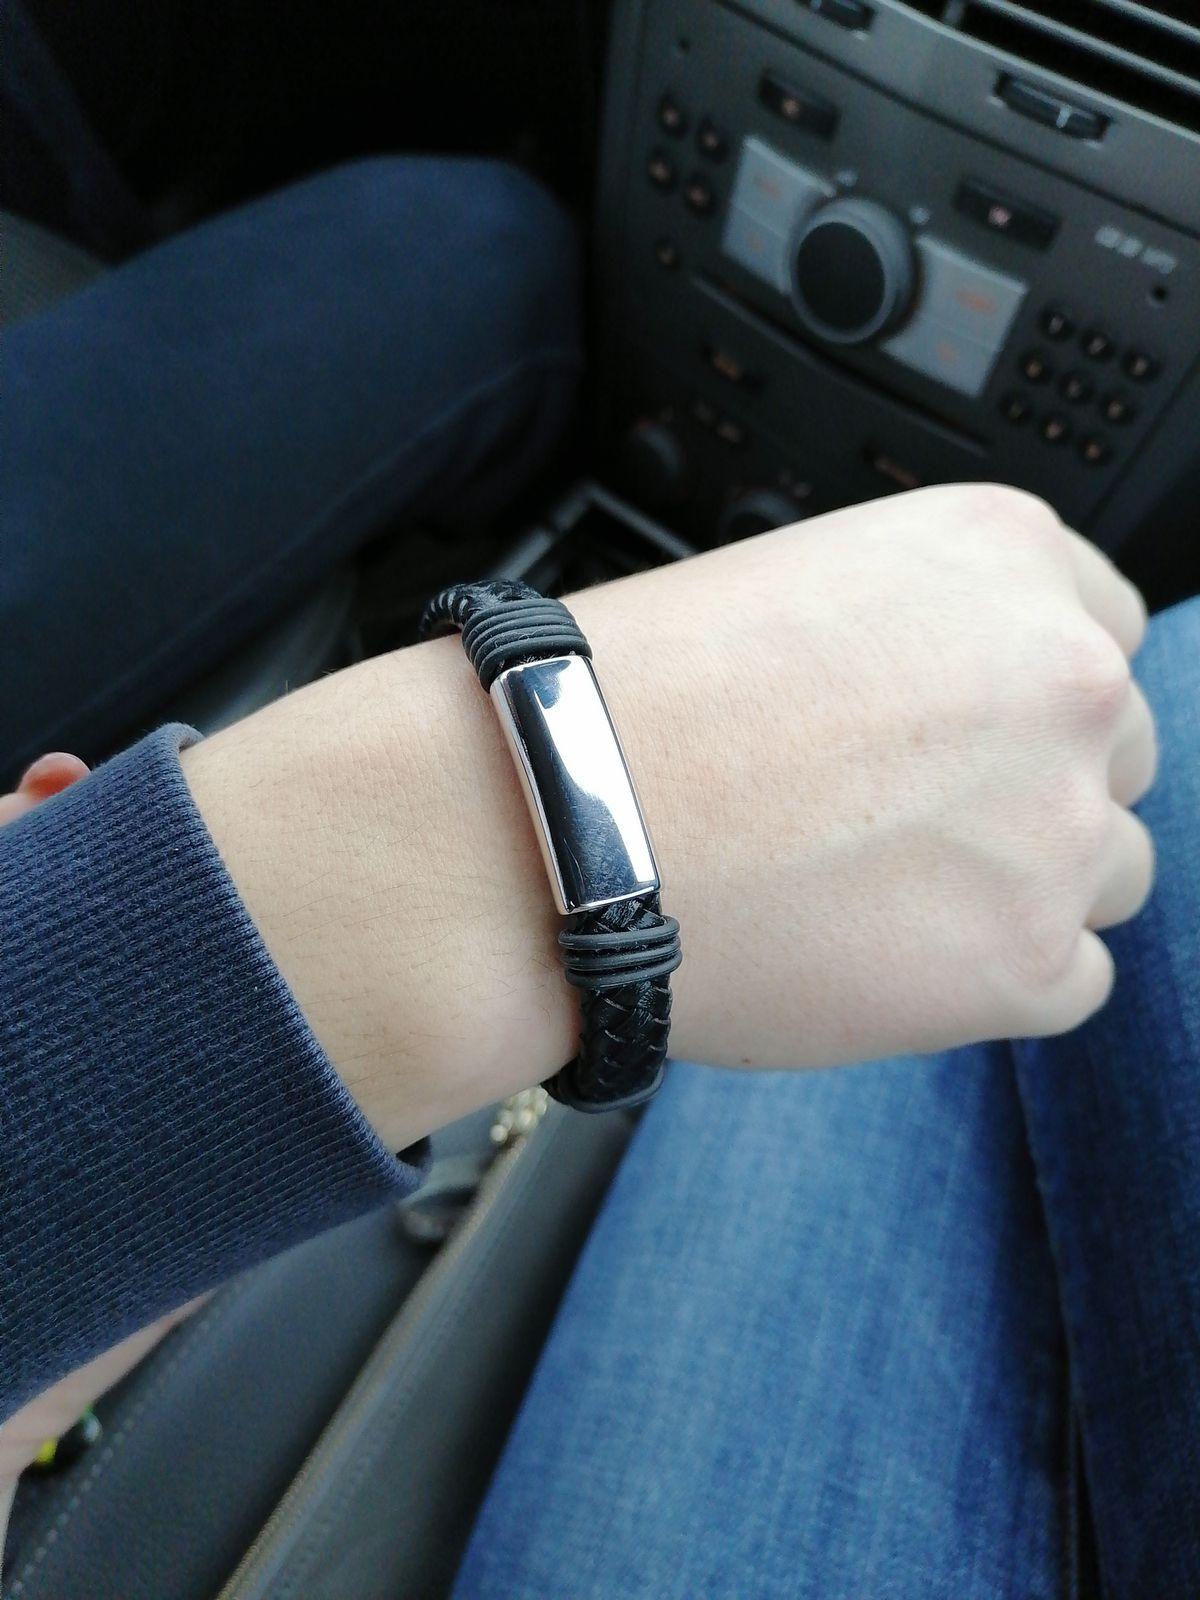 Красивый браслет, очень хорошо смотрится на руке.